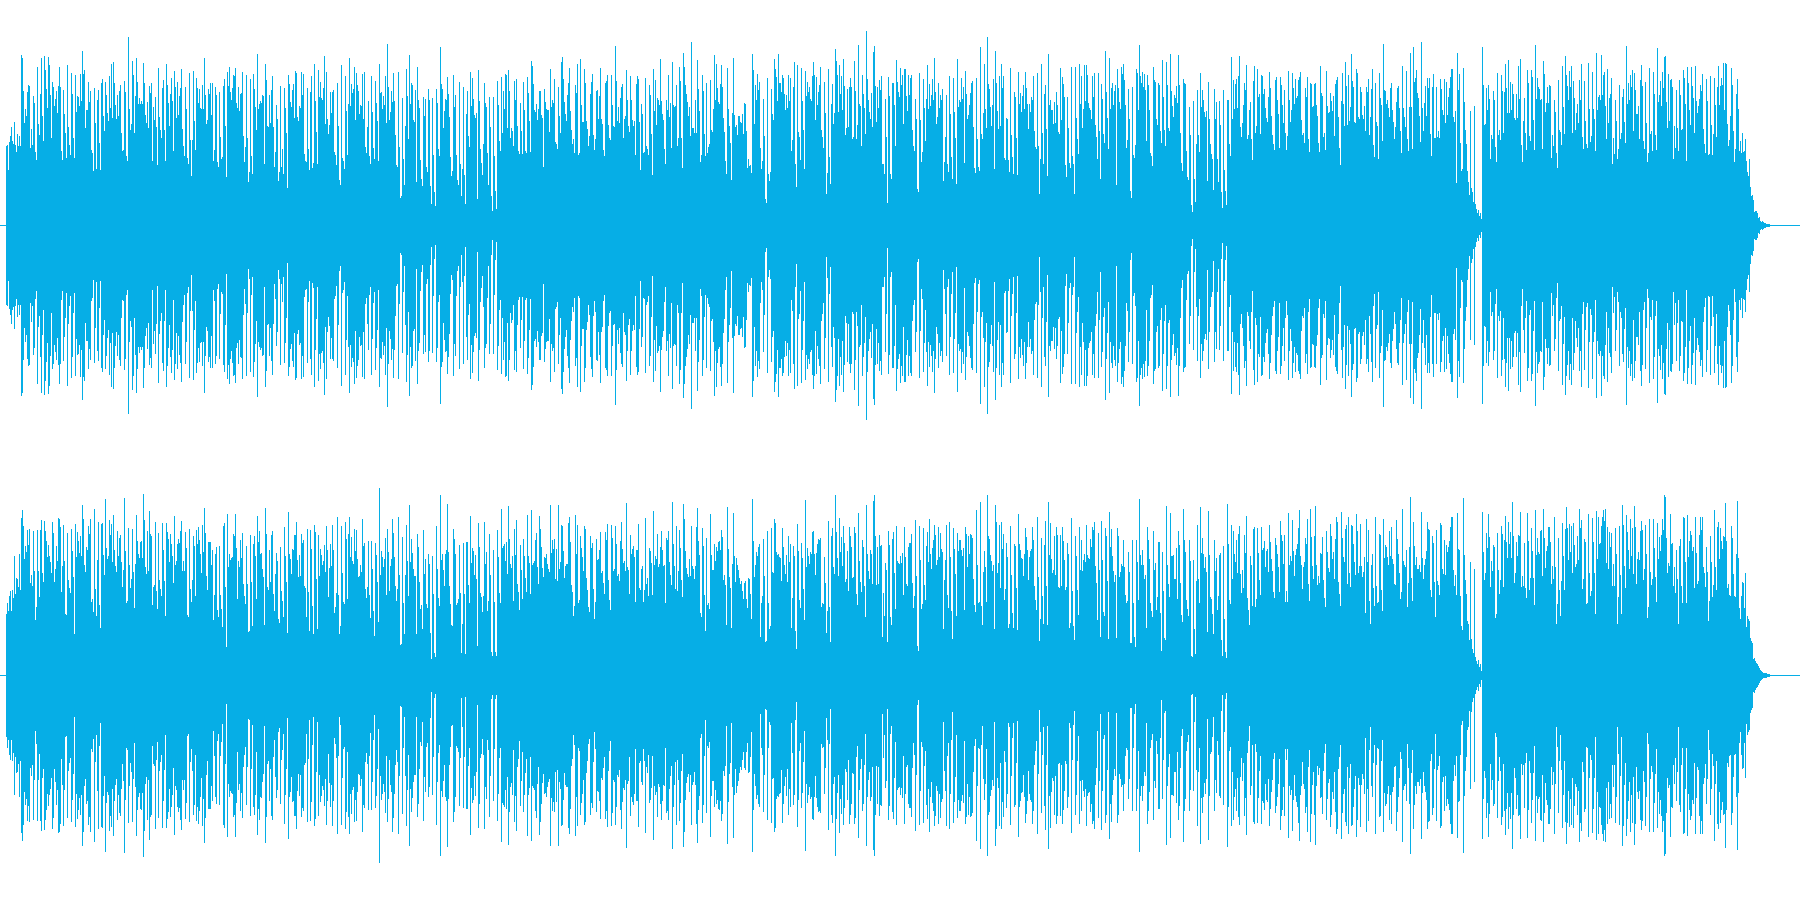 涼しげでおしゃれなシンセサイザーサウンドの再生済みの波形